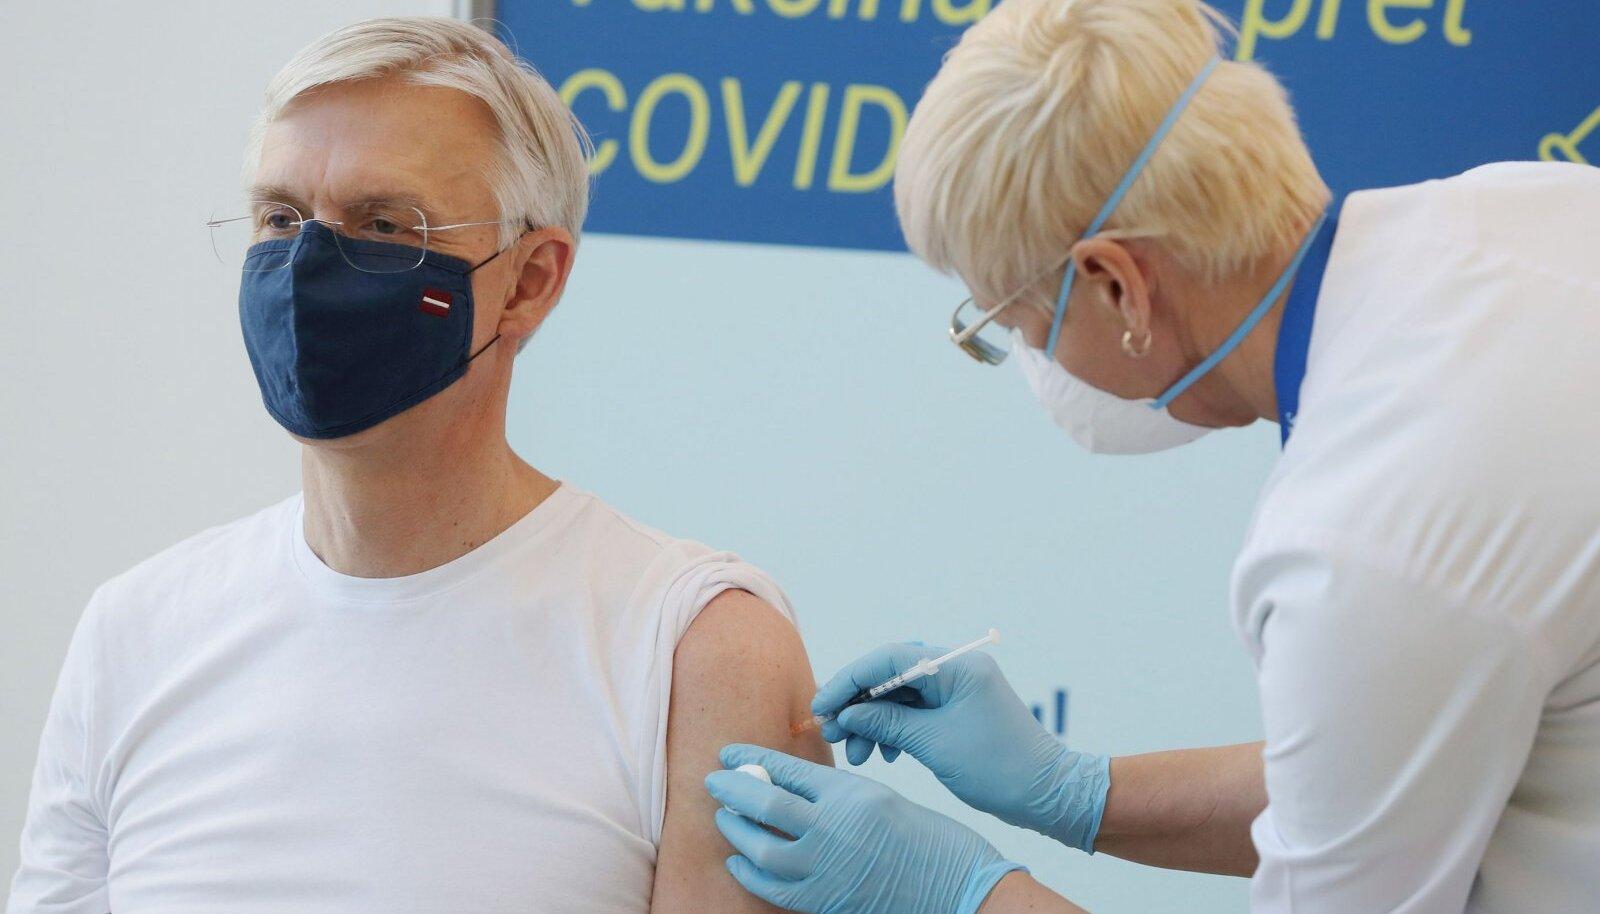 Läti peaministri Krišjānis Kariņši vaktsineerimine